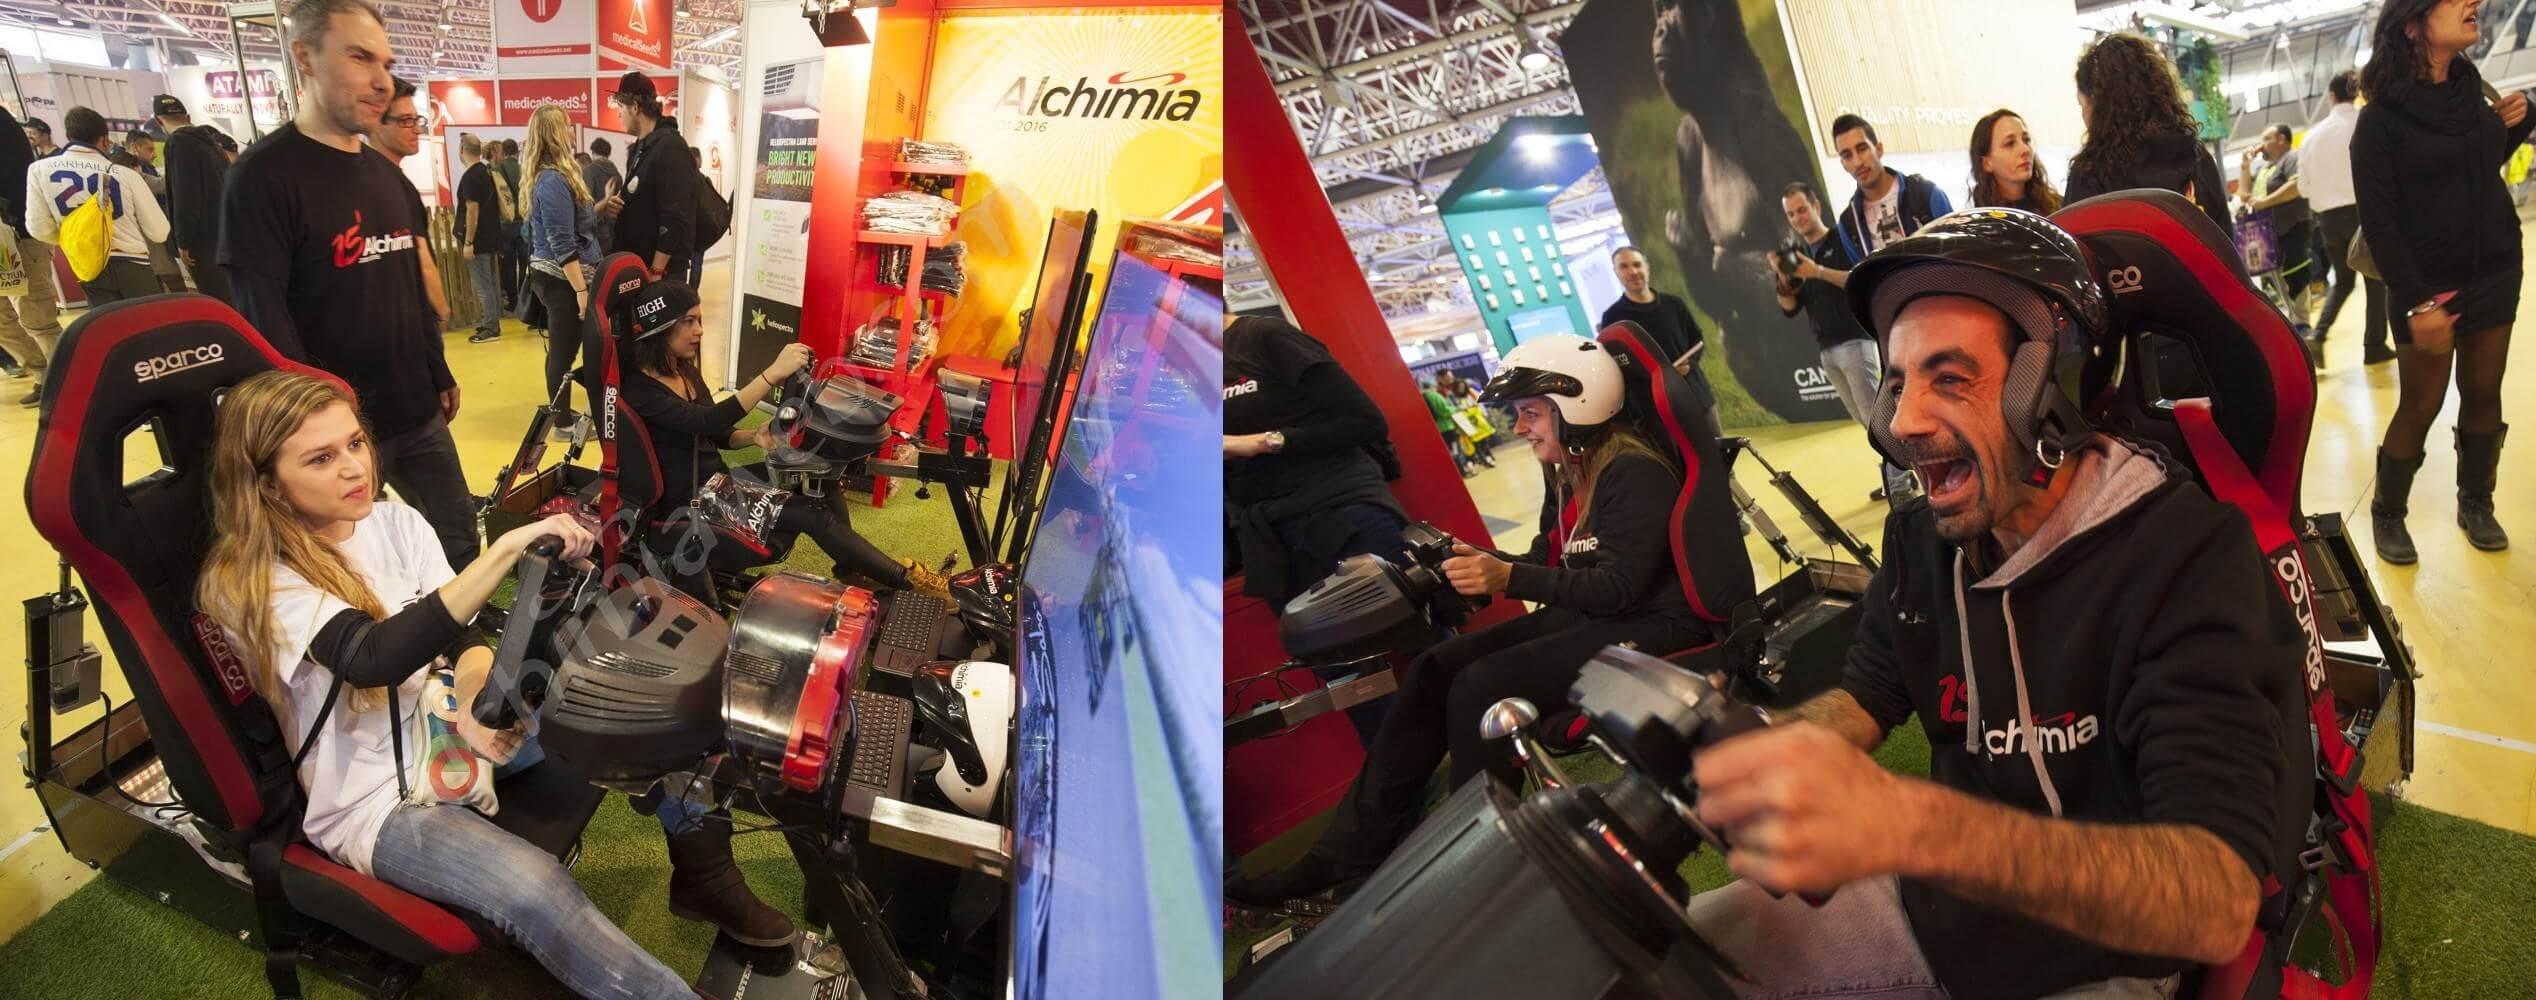 Simulateurs de course de voiture au stand Alchimia